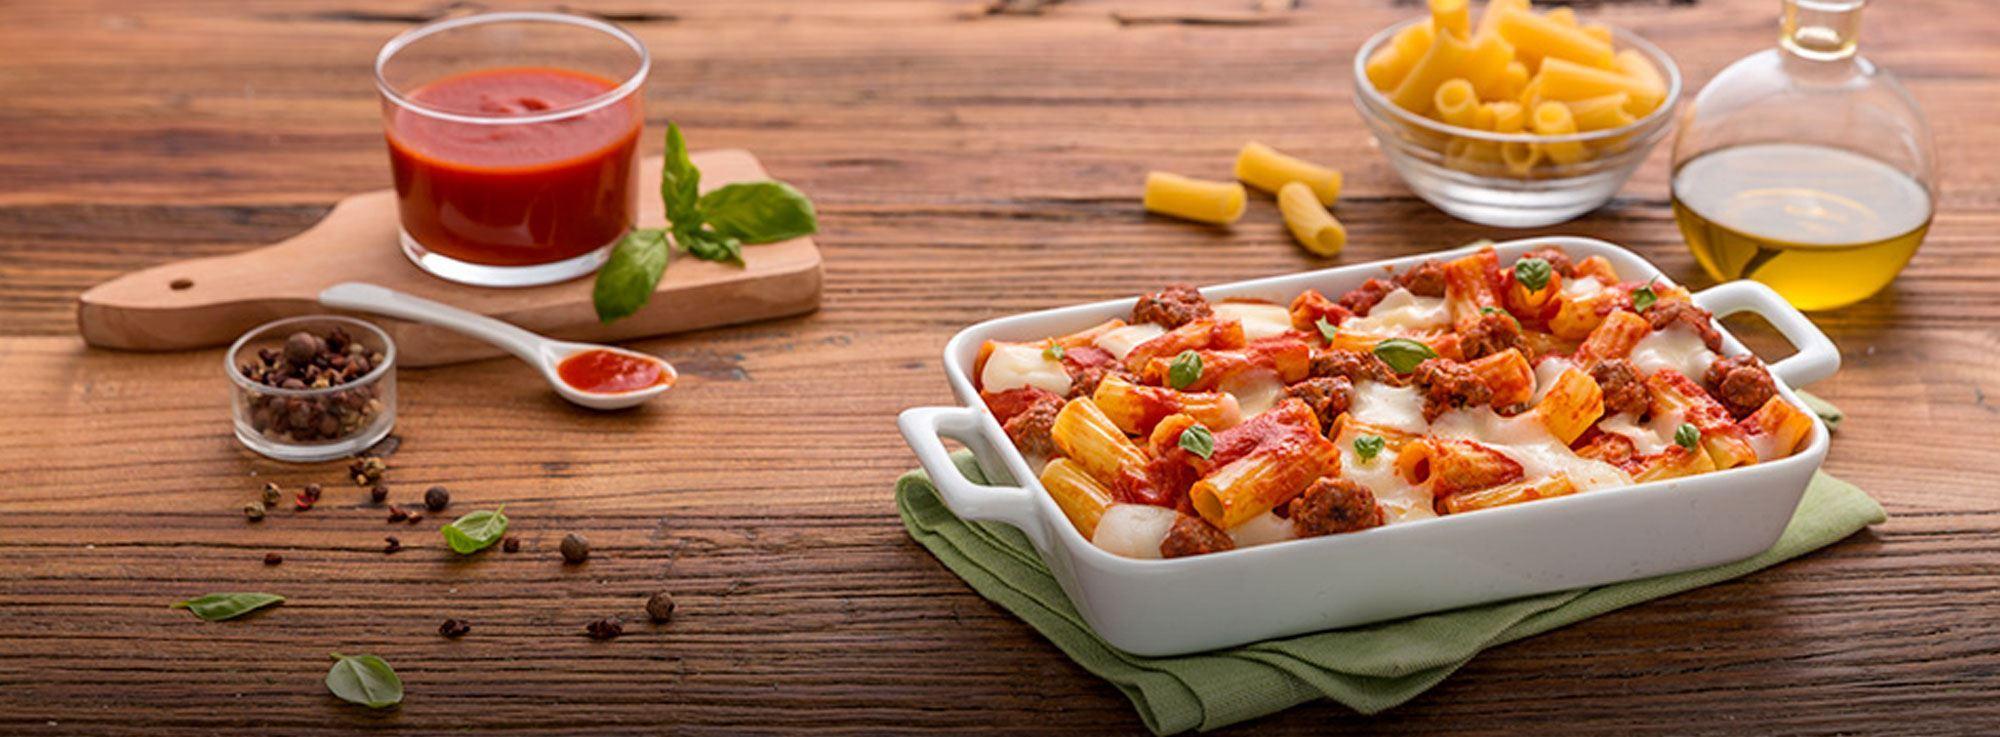 Ricetta: Rigatoni al forno con polpettine di carne